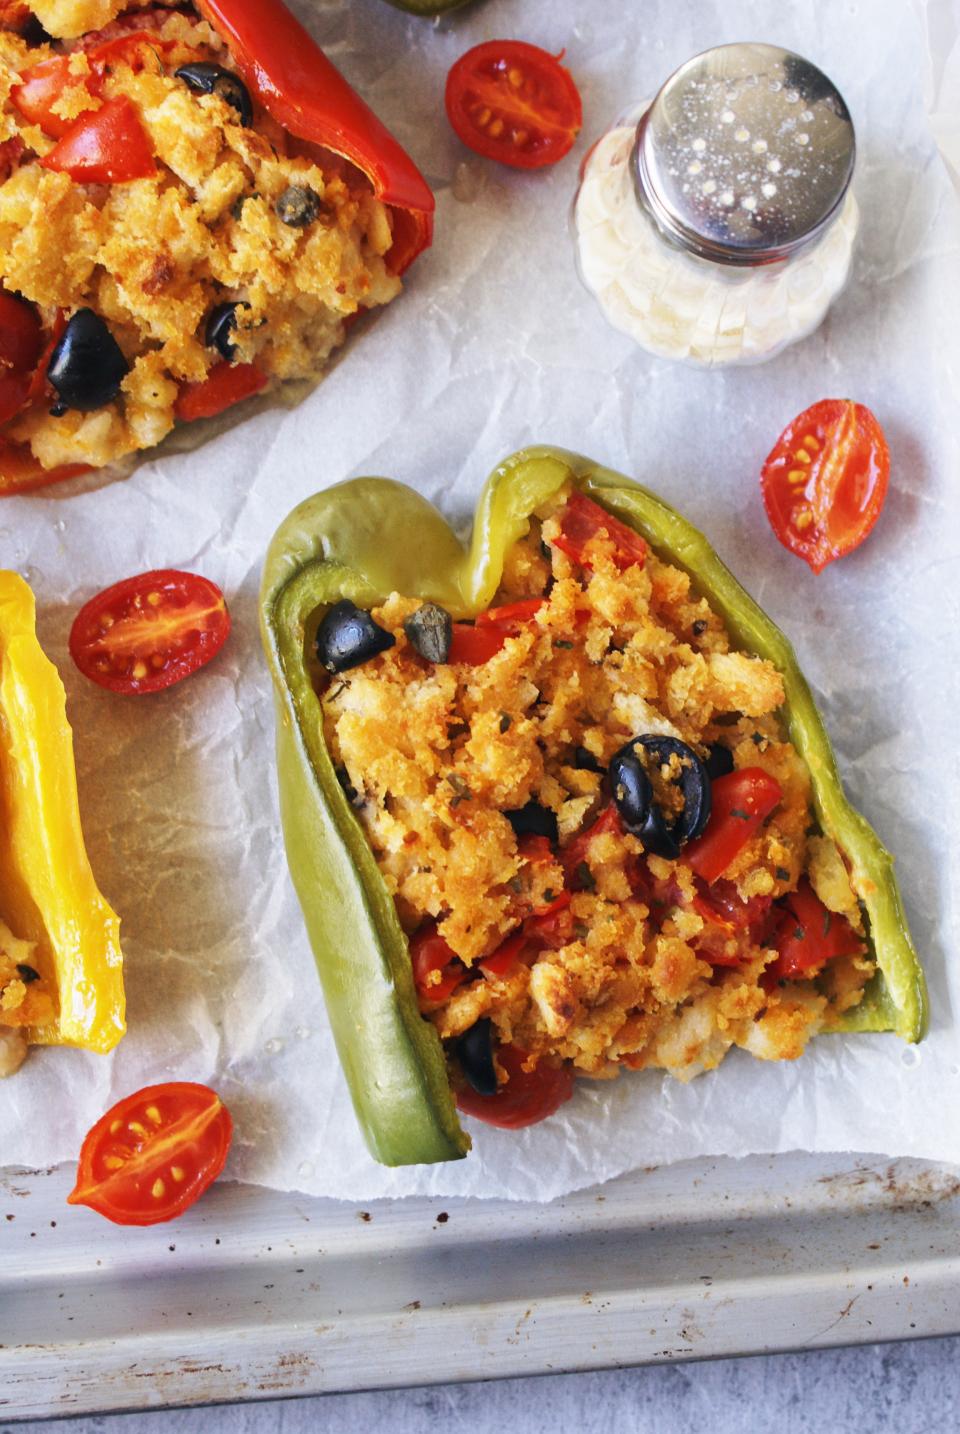 Peperoni ripieni di pane, olive, pomodori e capperi